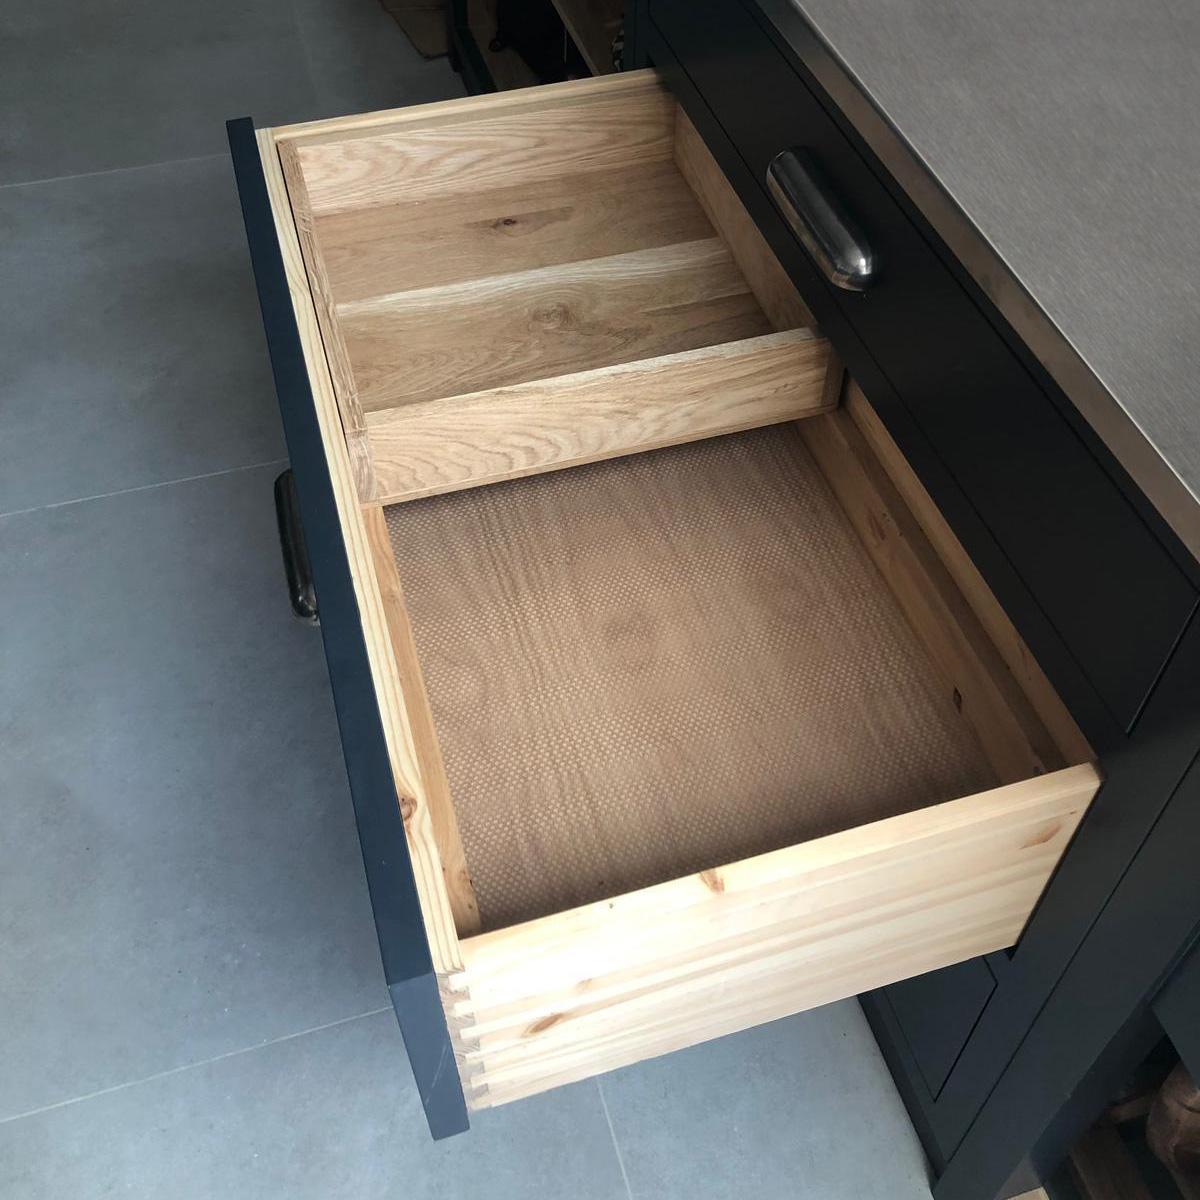 Drawer in drawer pan insert